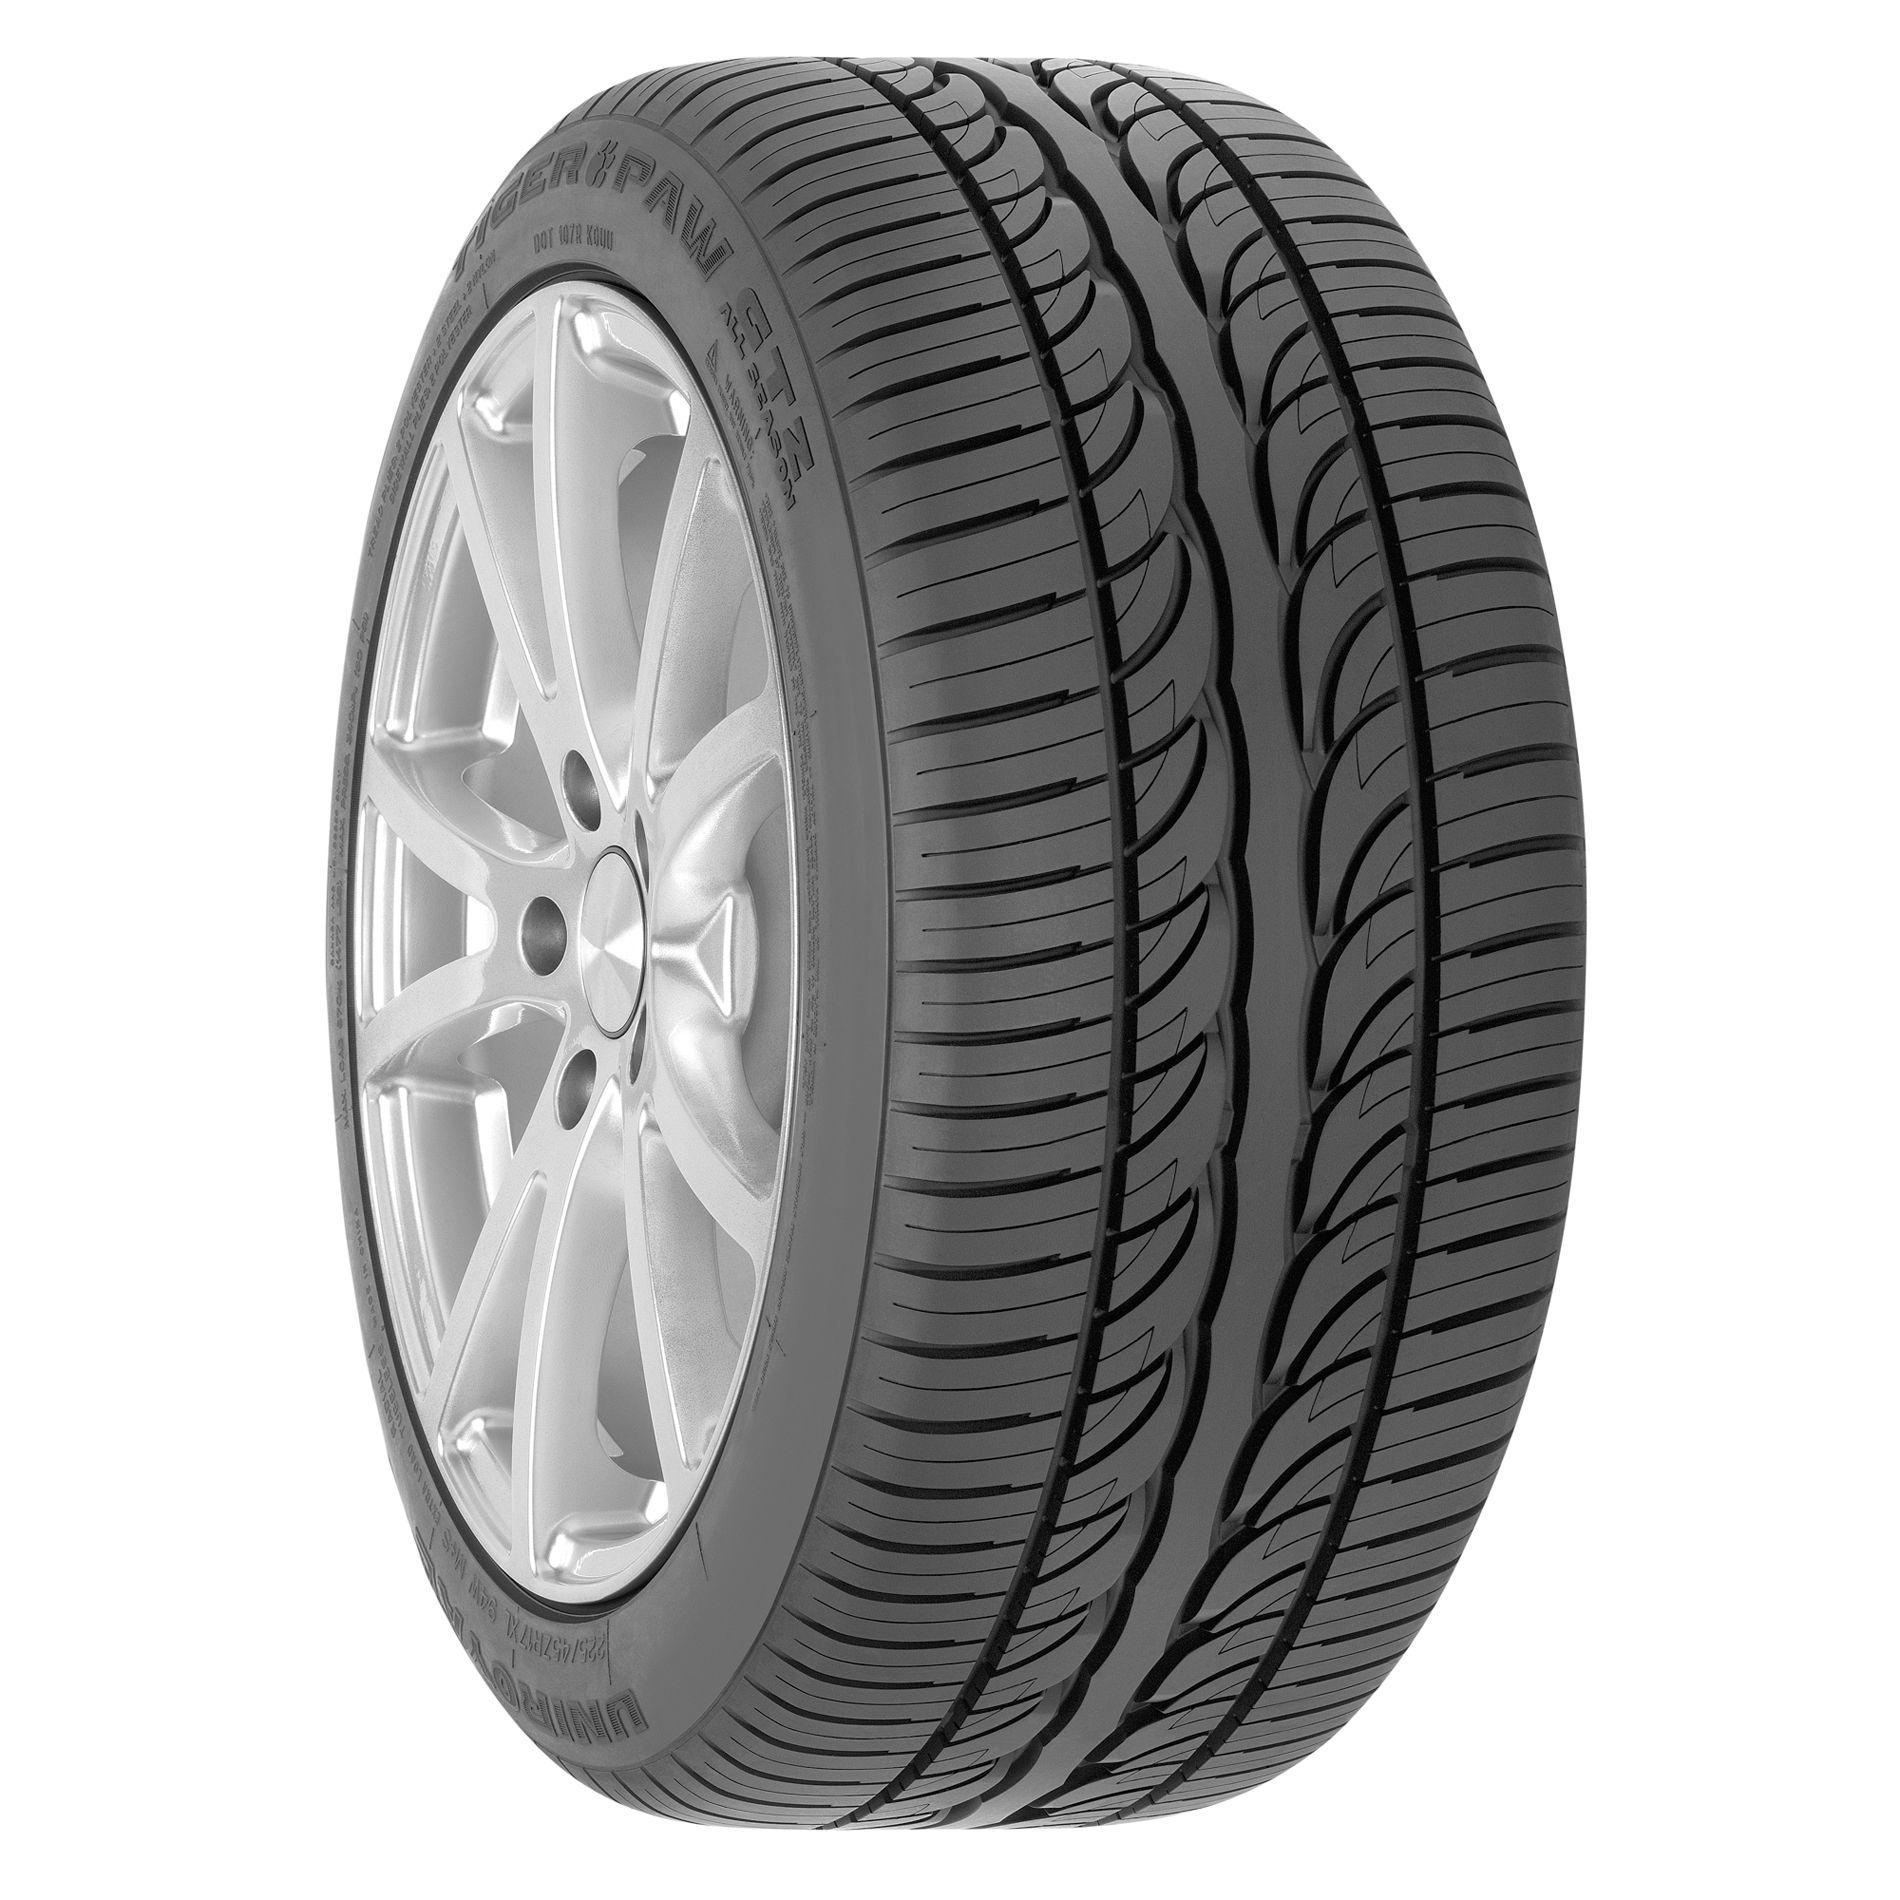 Uniroyal Tiger Paw GTZ Tire- 245/50R16 97W BW